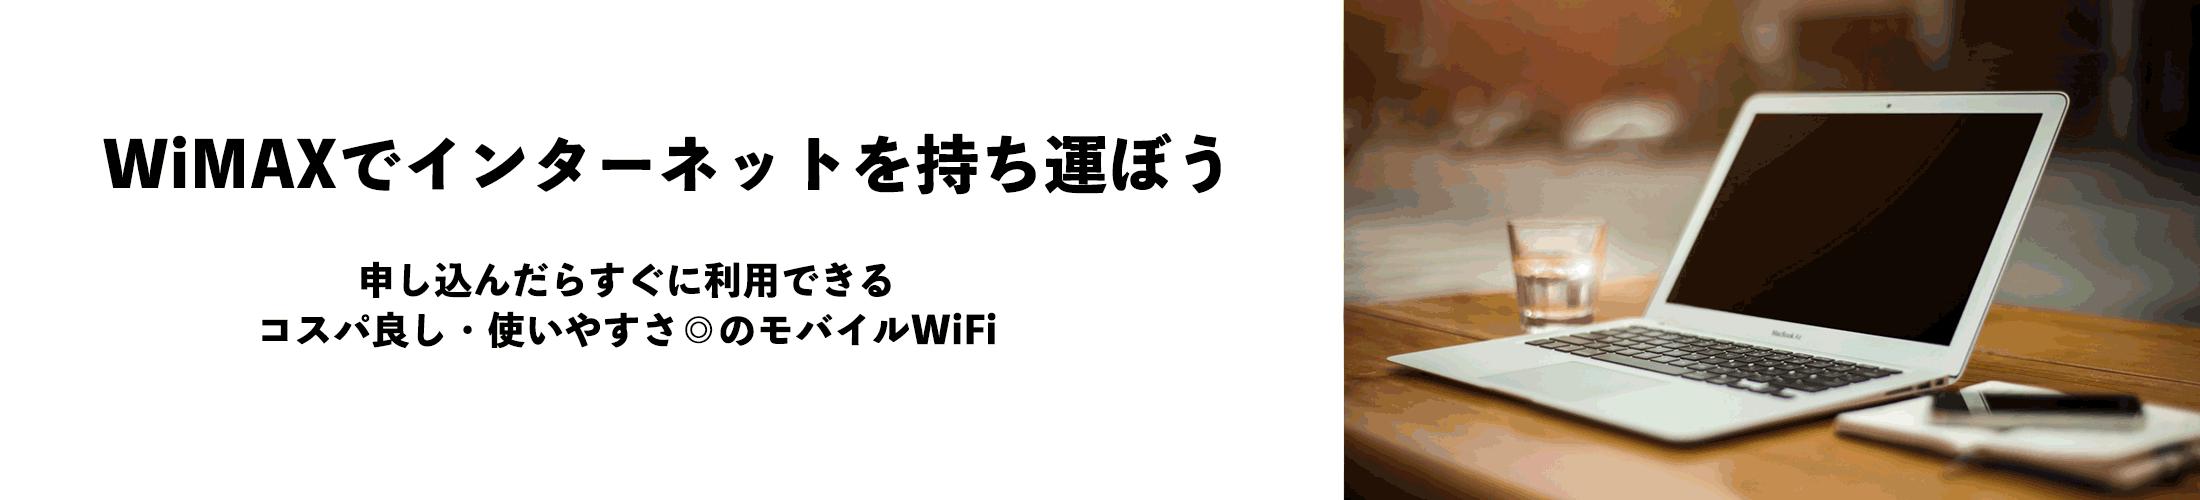 快適ネットライフ WiMAX